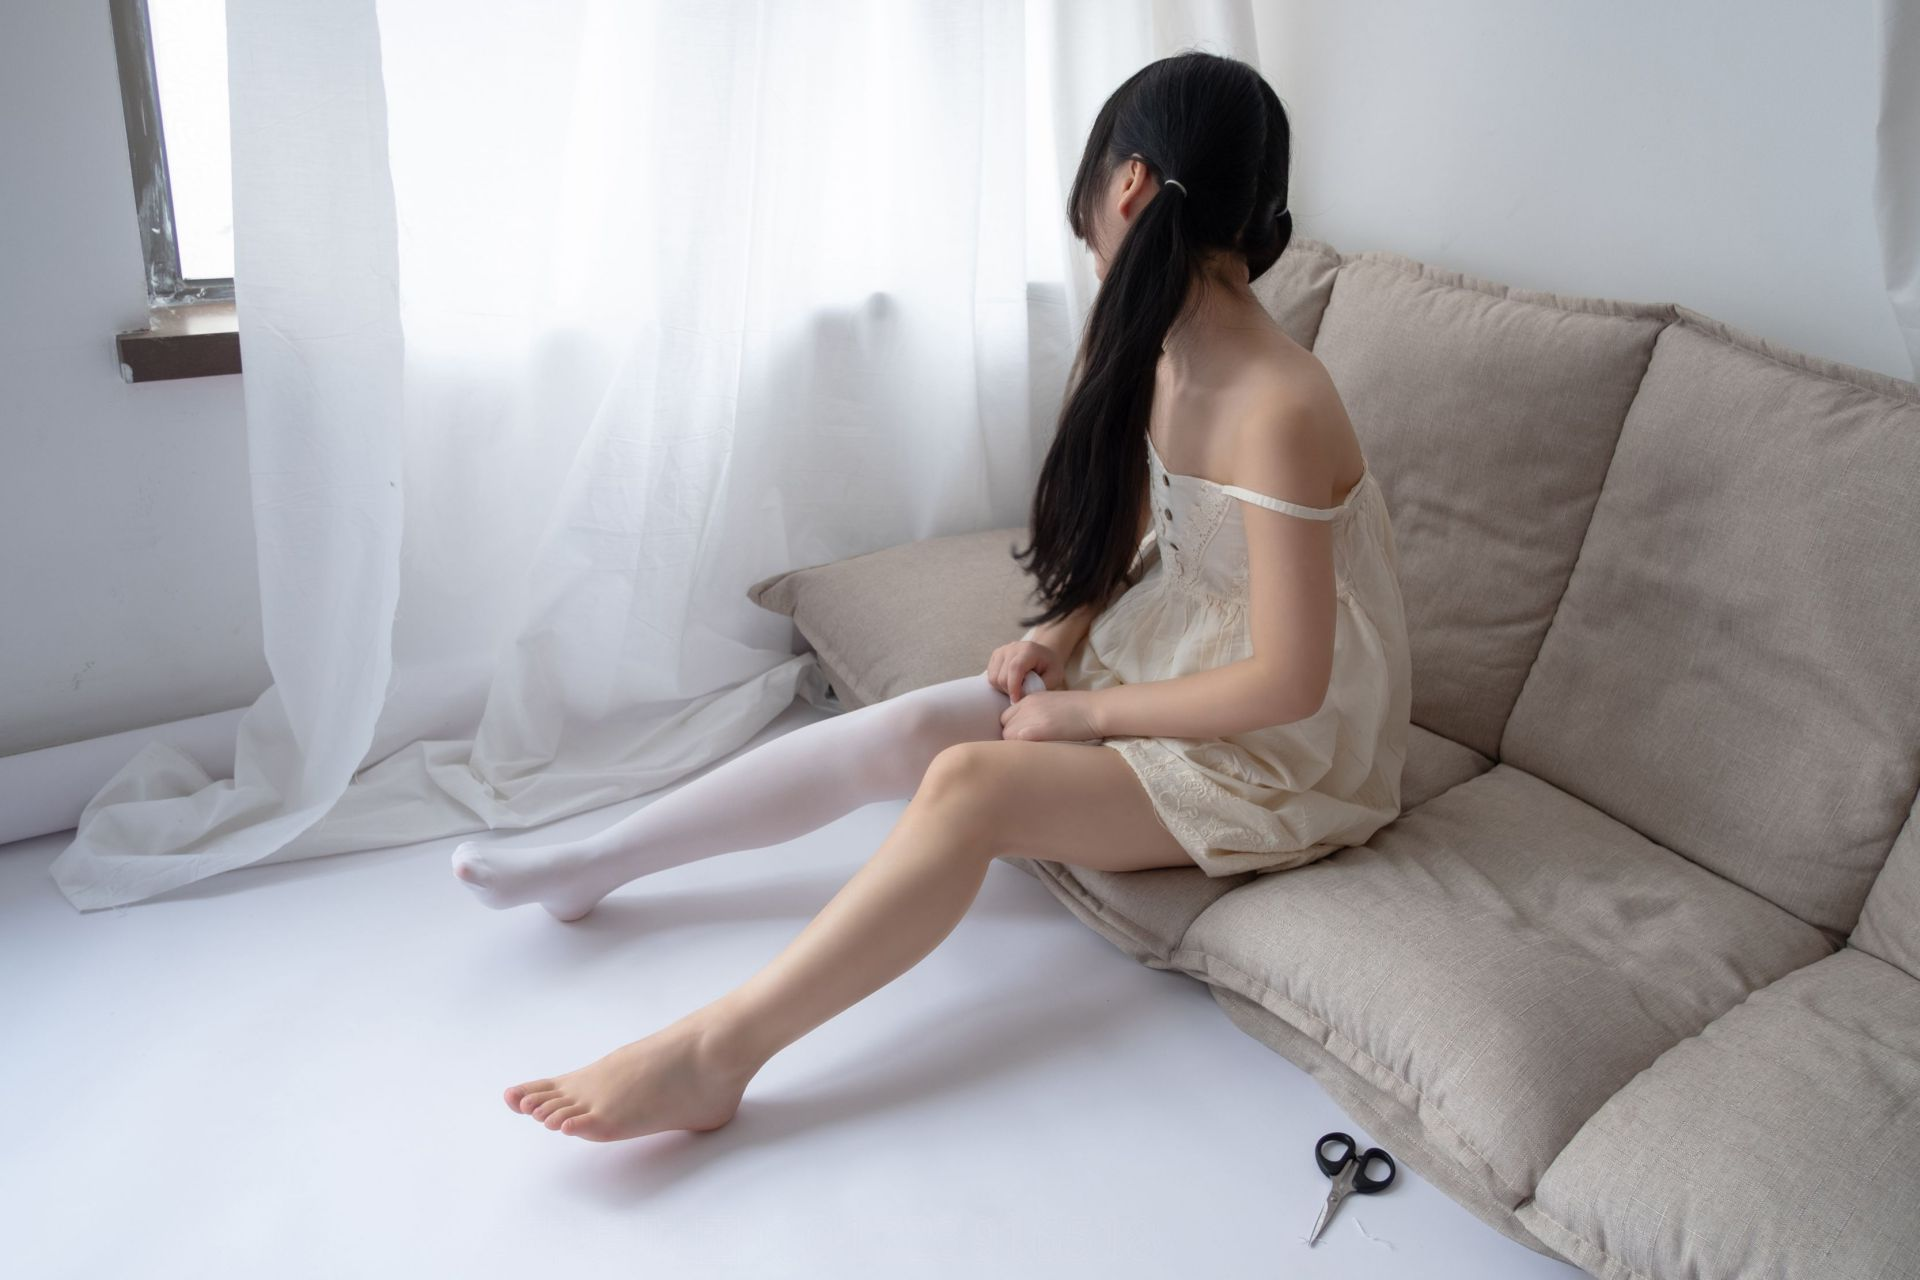 【森萝财团】爱花写真-ALPHA-013 白丝女孩玩美足 [90P-805MB] 森萝财团 第3张